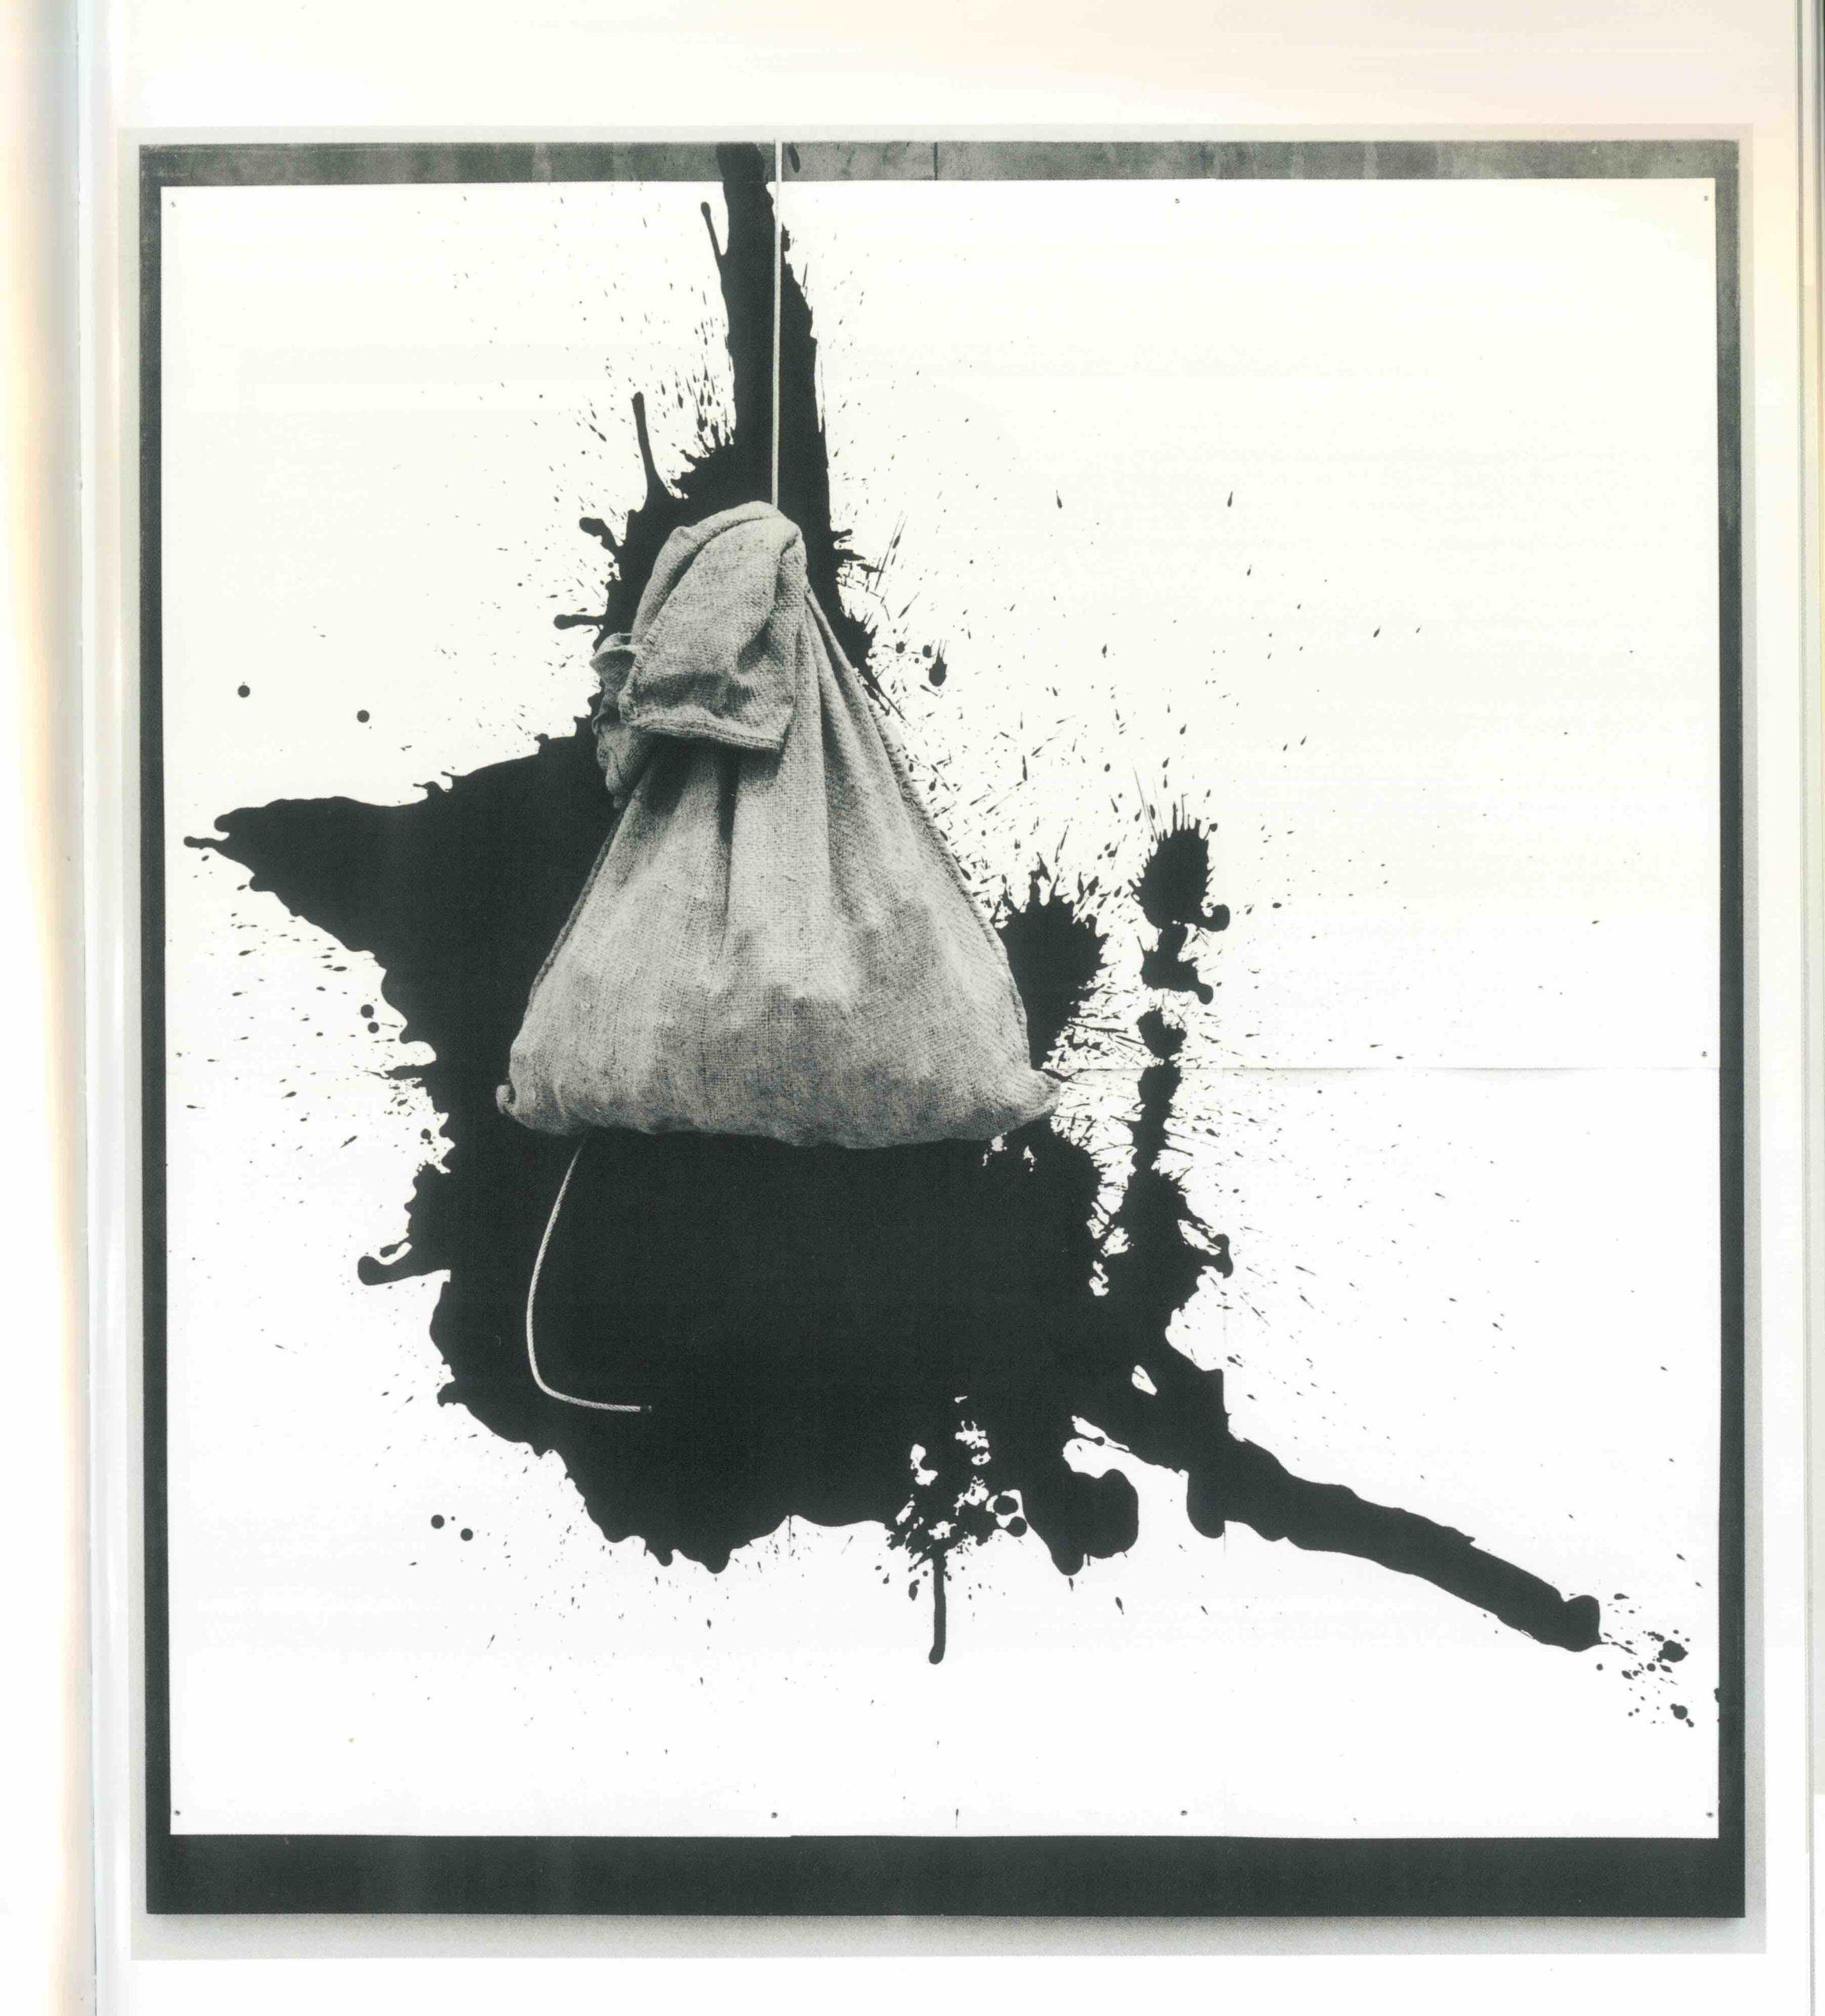 """""""Senza titolo"""" 2005, catrame su carta e sacco in juta su lastra di ferro, 200 x 200 cm"""